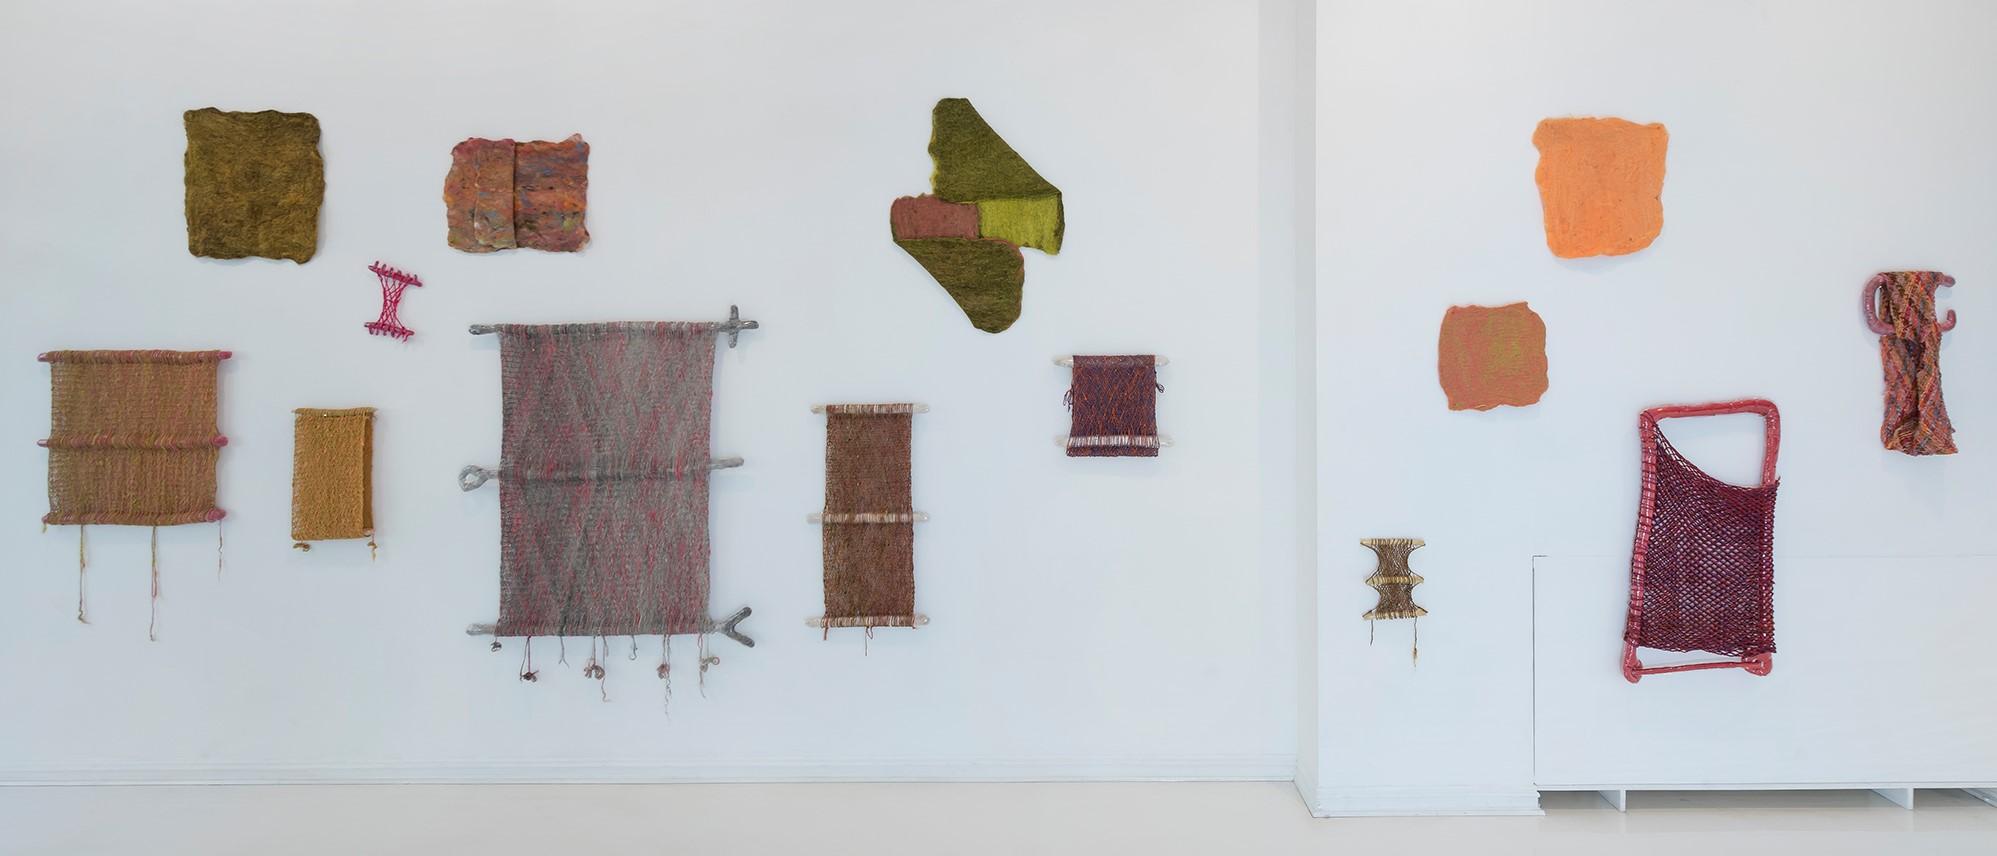 Kunstverk på vegg i Liilian Saksis utstilling FLOCK på SOFT galleri høsten 2018. Foto: Øystein Thorvaldsen.